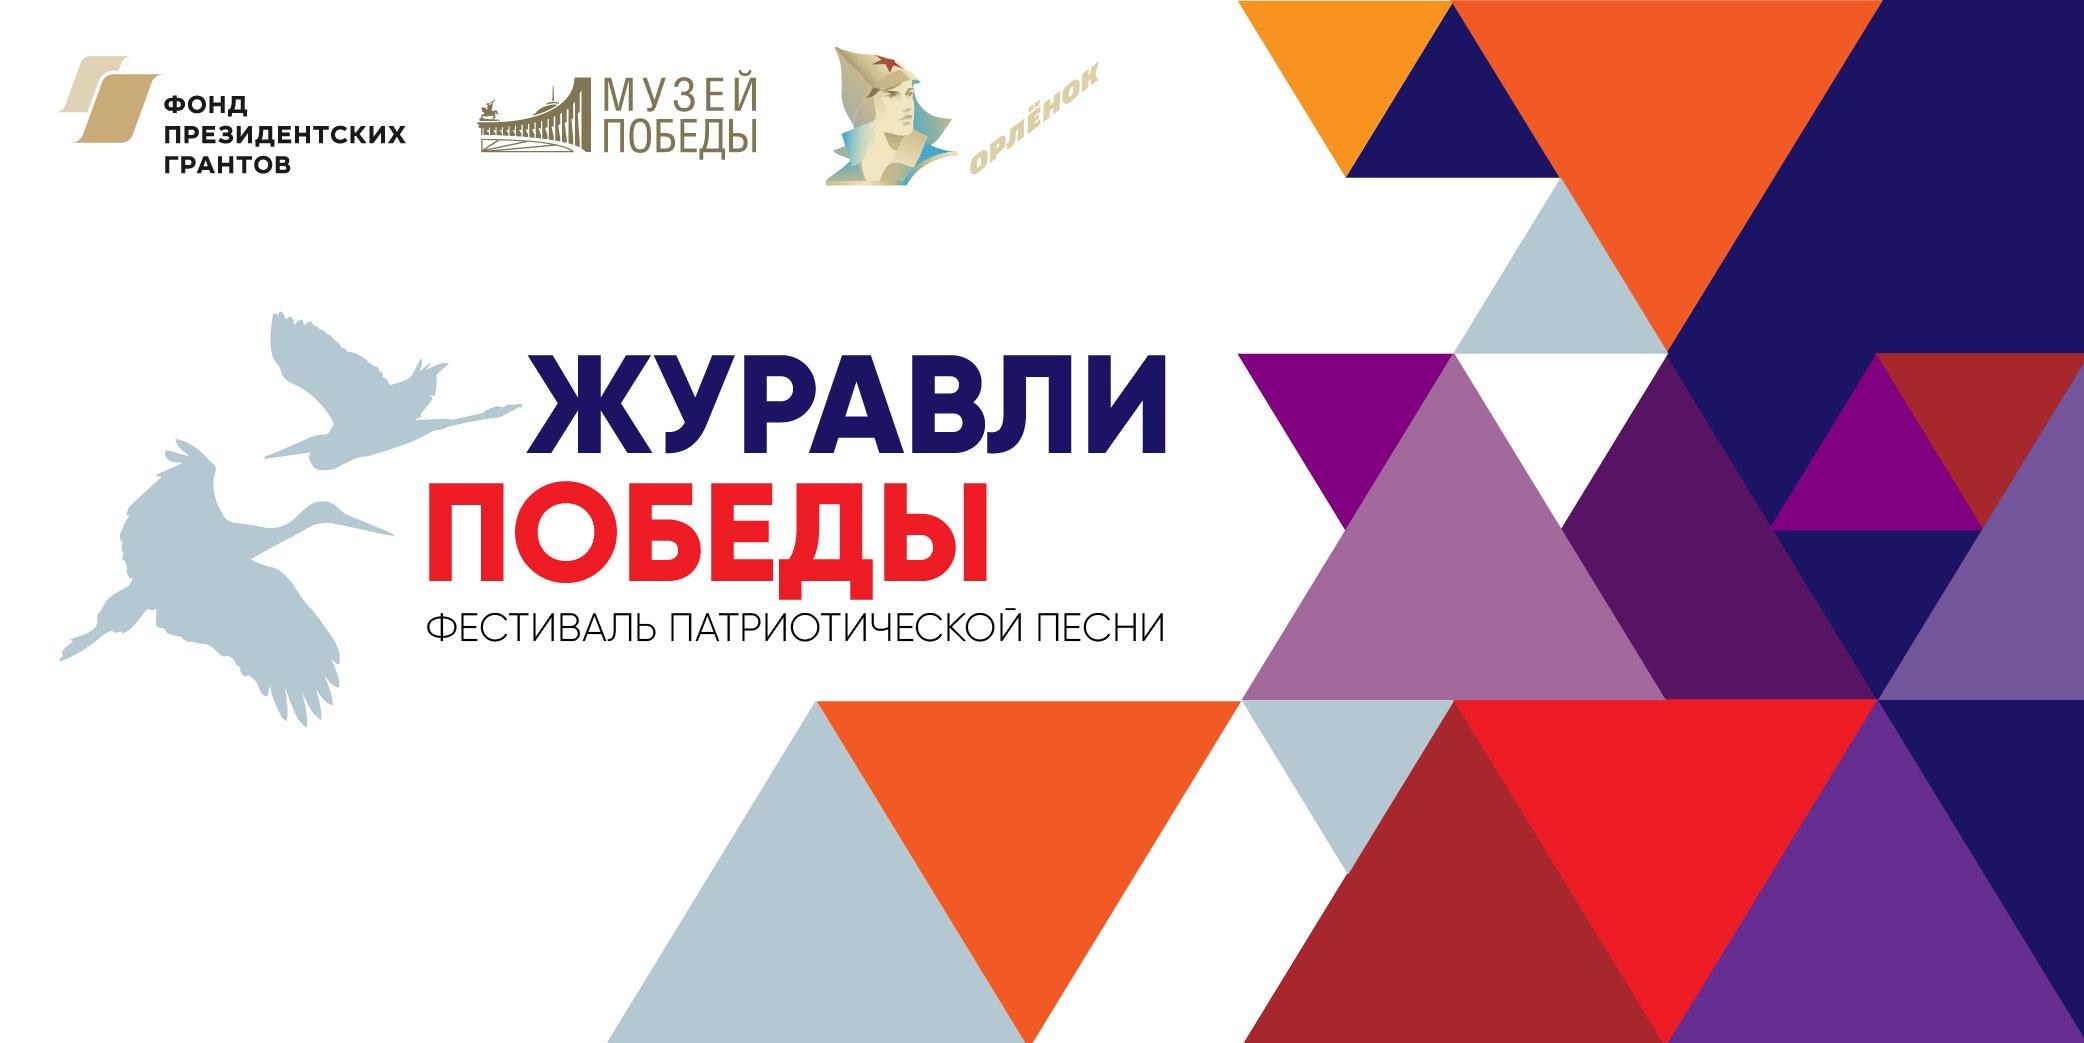 Смоленские исполнители патриотических песен смогут выиграть поездку в «Орленок»